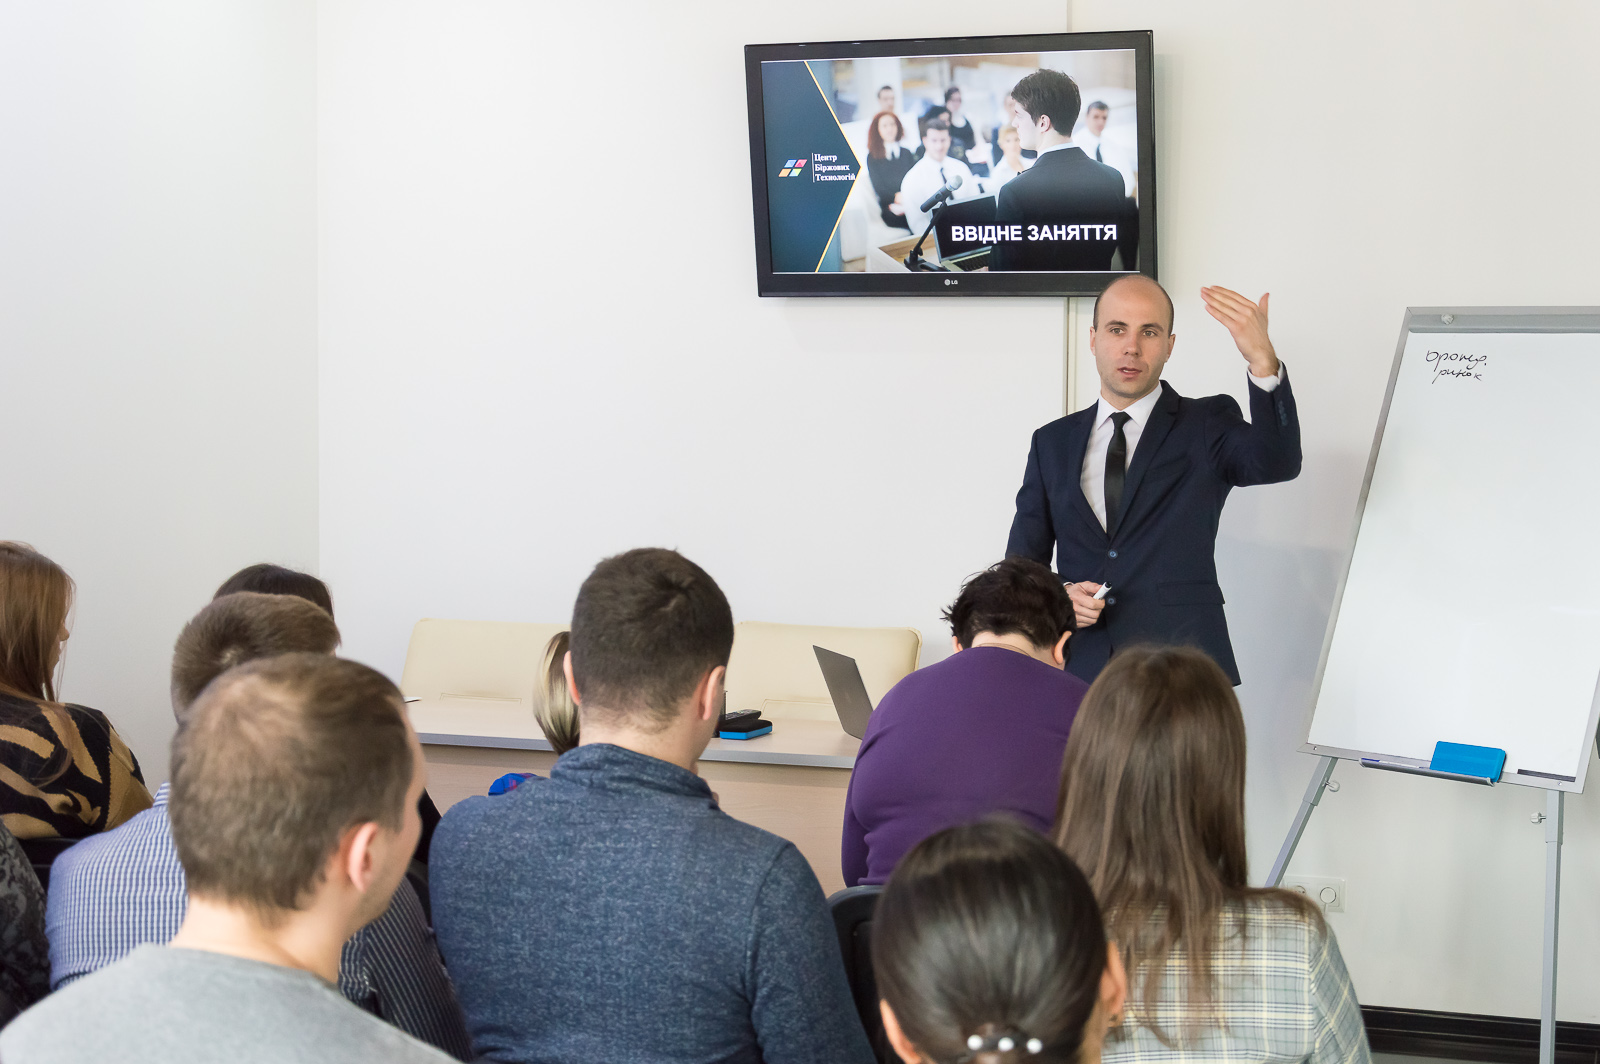 """Лекцию """"Финансовые рынки и основы биржевых технологий"""" в Черновцах посетили студенты и преподаватели МАУП - 4 фото"""